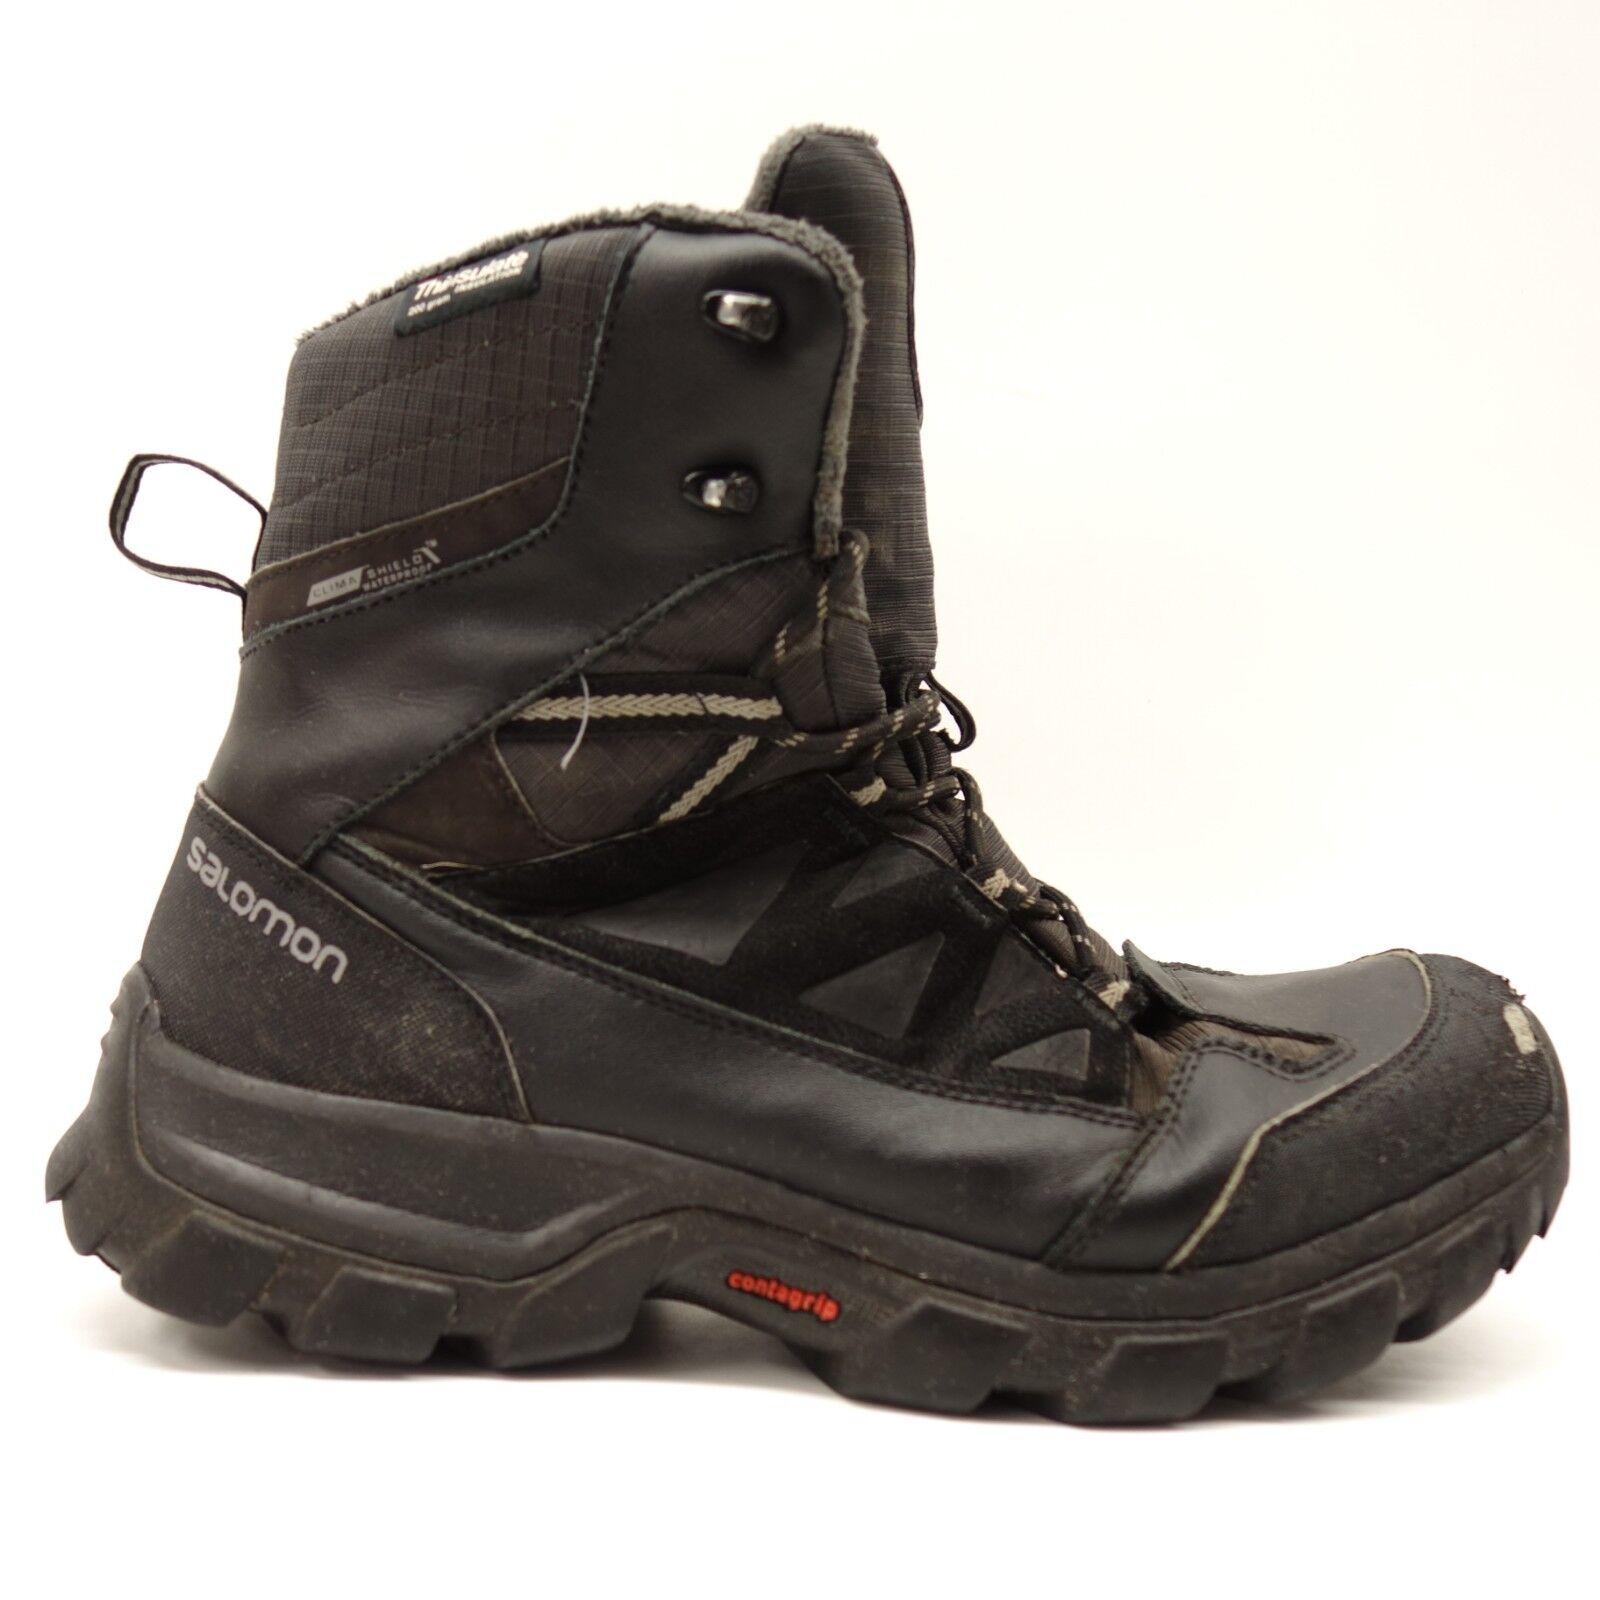 Salomon para hombre ocultas Negro Thinsulate Climashield Impermeable botas de Invierno US 11